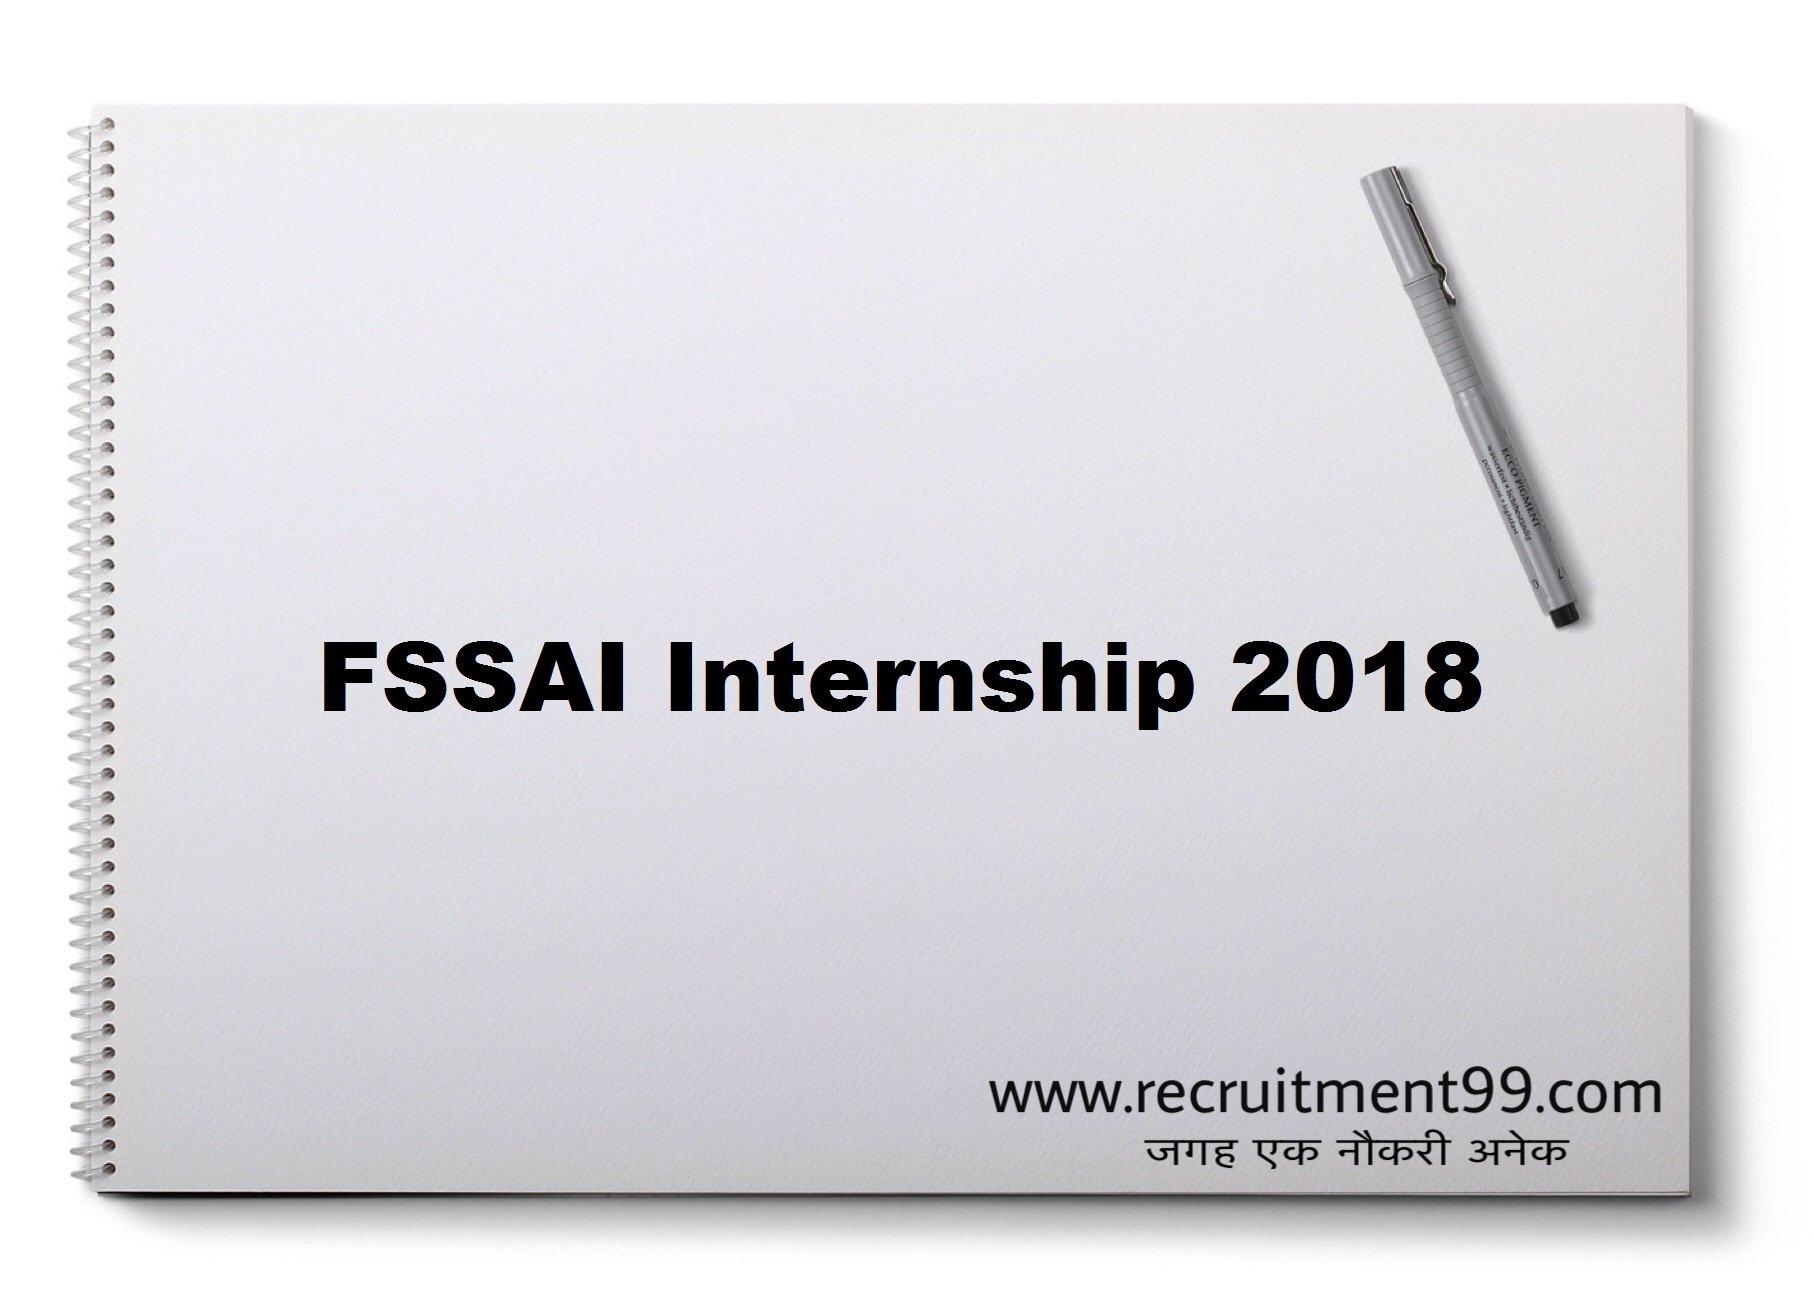 FSSAI Summer Internship Application Form Result 2018